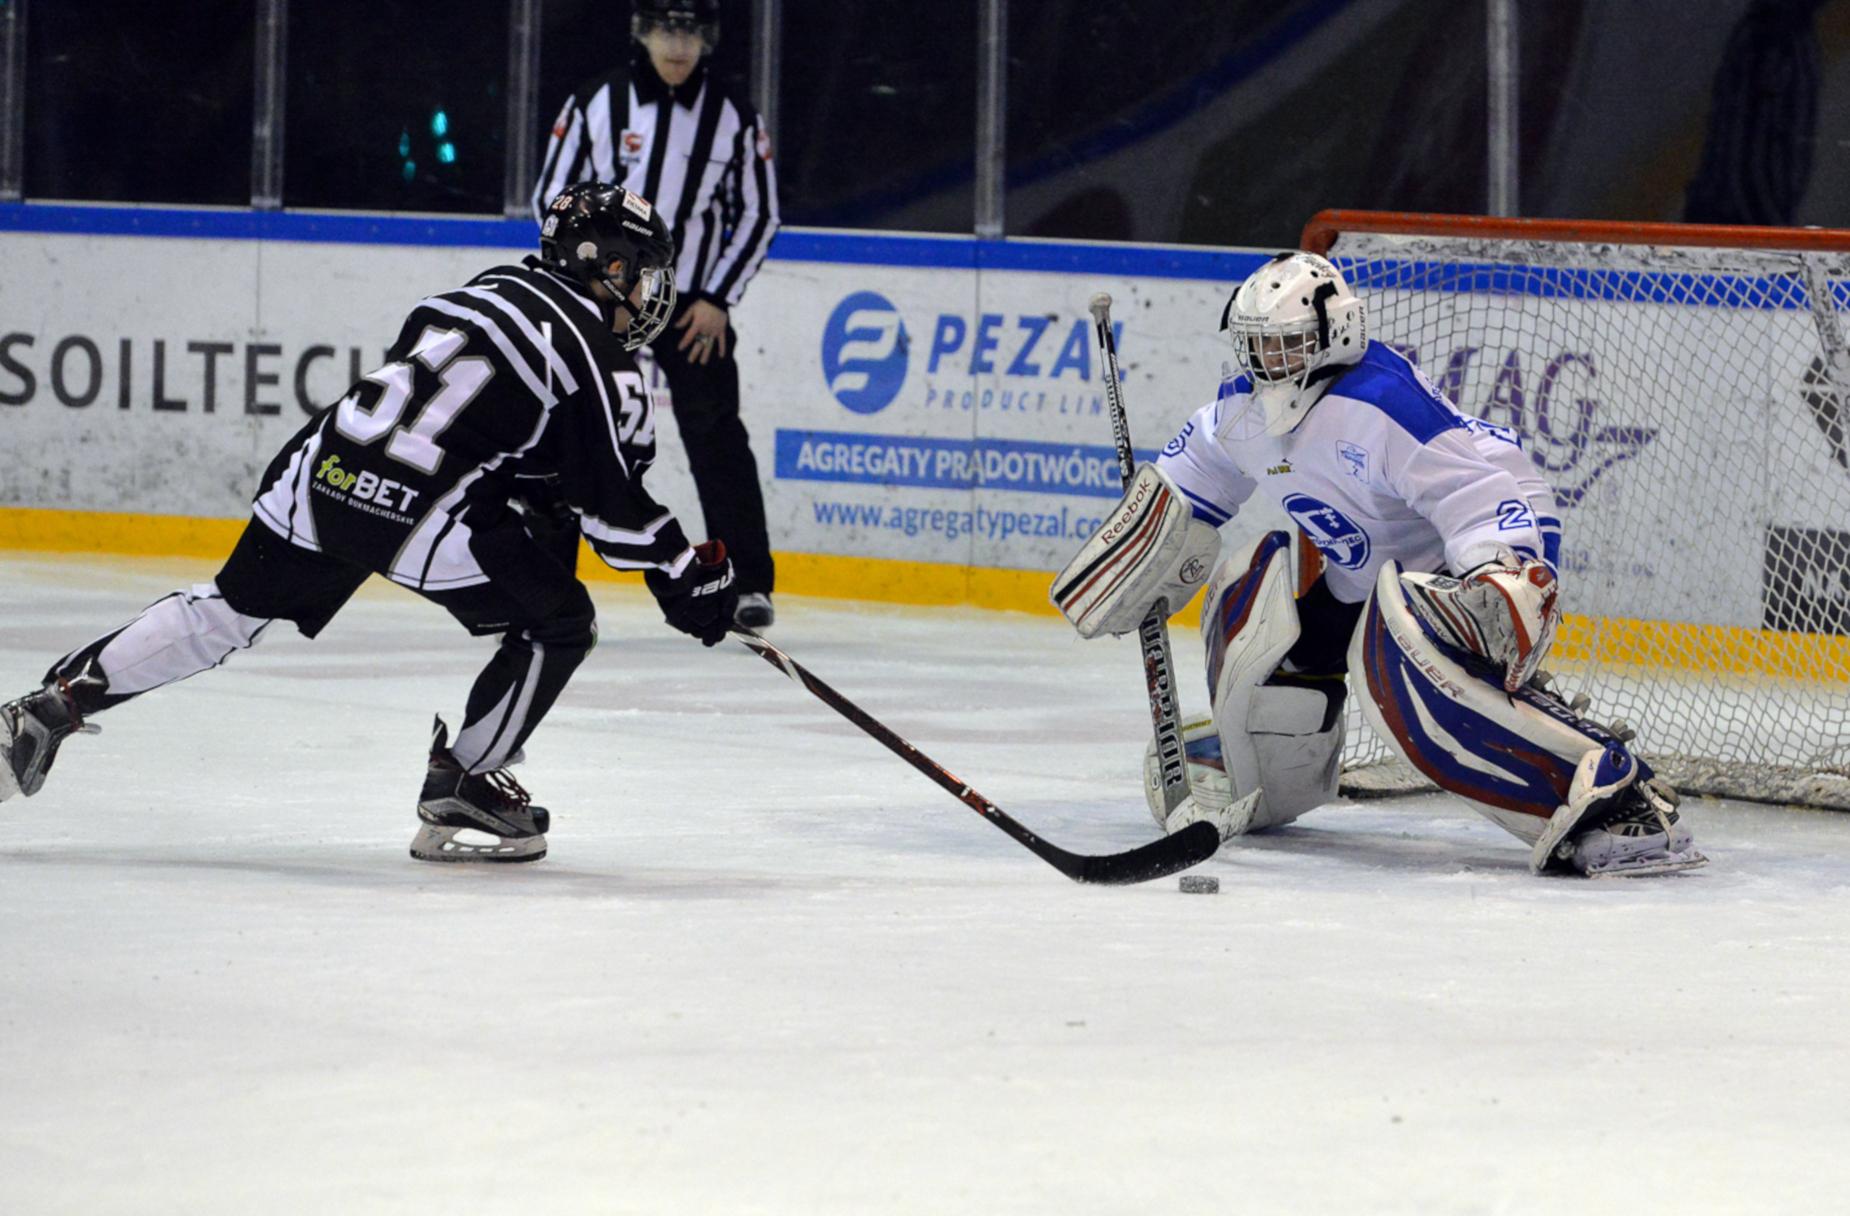 Osiem drużyn, 24 mecze i dwa dni sportowych emocji. Olivia Cup, czyli święto młodzieżowego hokeja w Gdańsku już w weekend